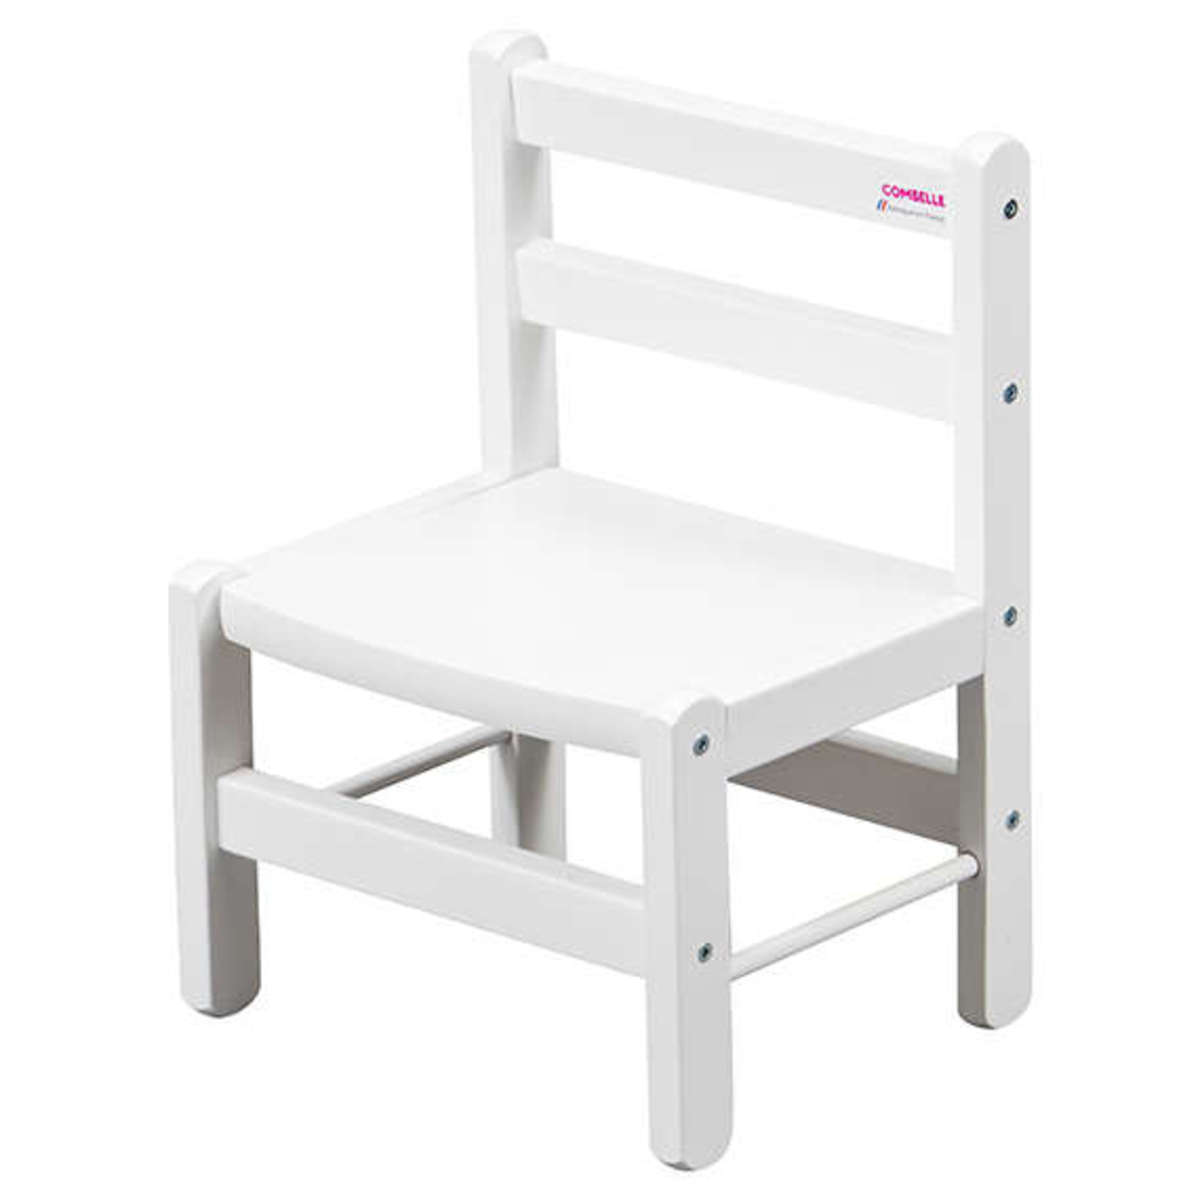 chaise enfant laqu blanc 921c achat vente table. Black Bedroom Furniture Sets. Home Design Ideas